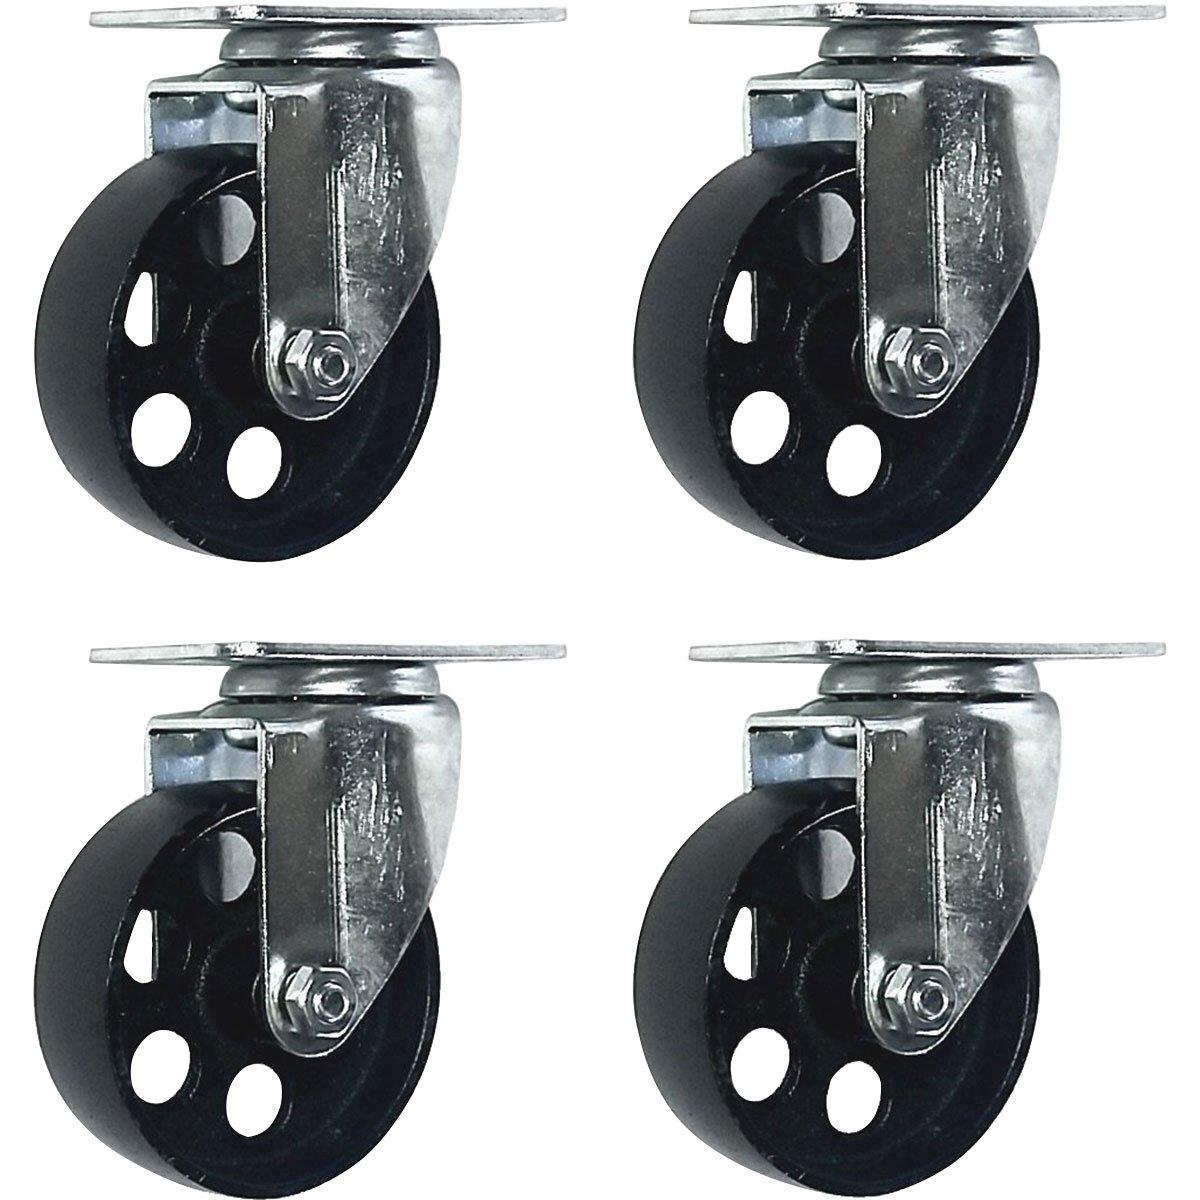 4 All Steel Swivel Plate Caster Wheels Heavy Duty High-gauge Steel (4'' No Brake)